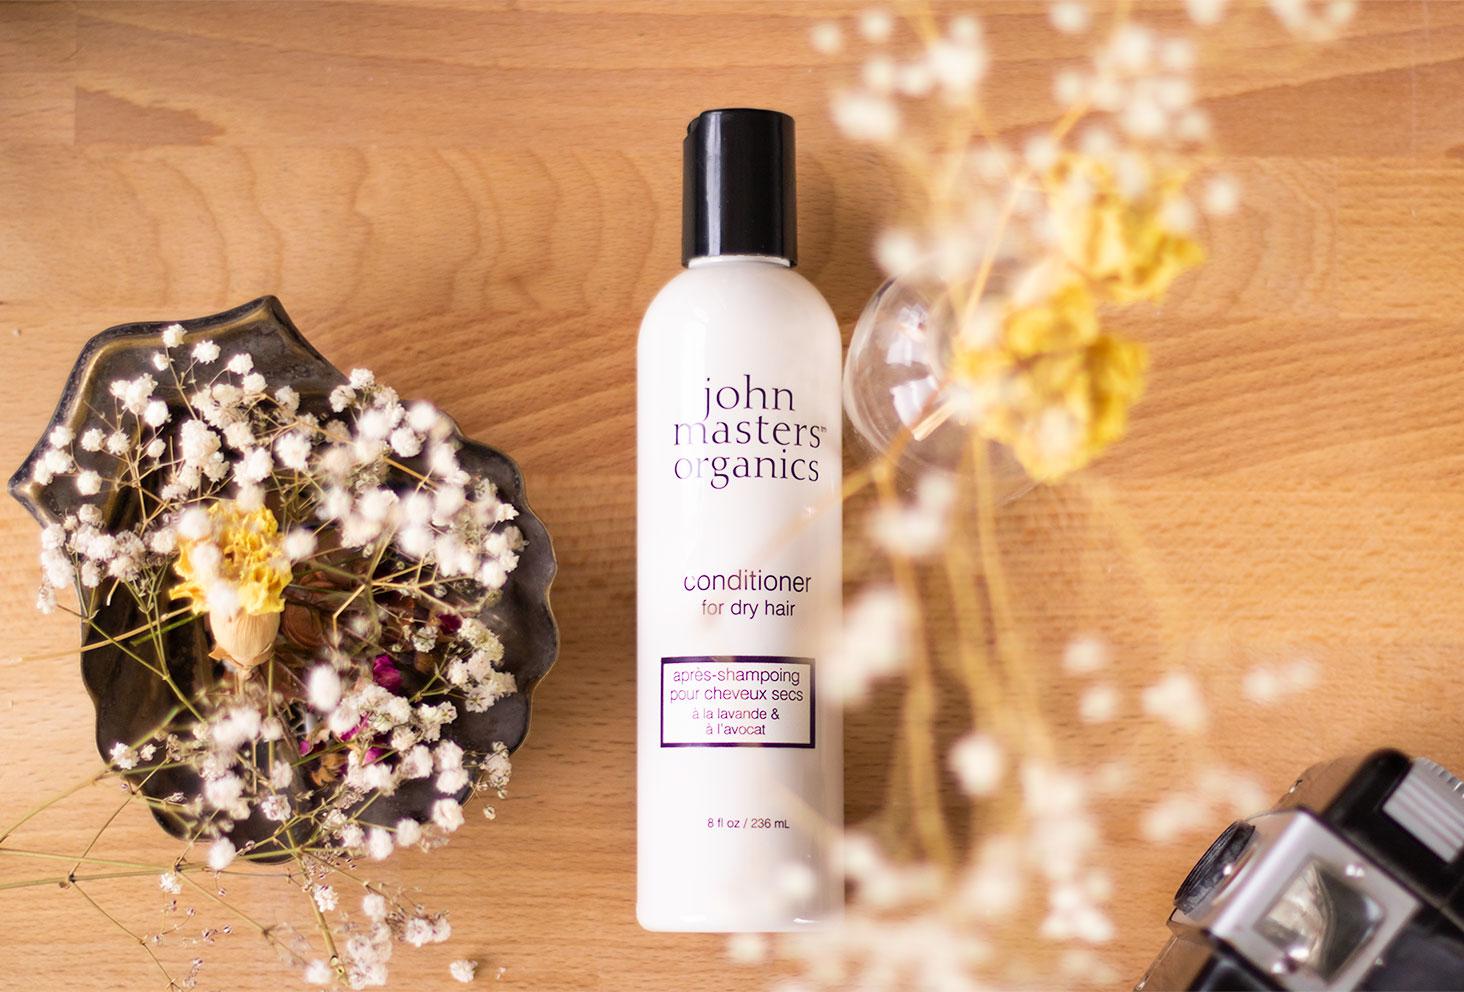 L'après-shampooing pour cheveux secs dans sa bouteille blanche et noire de John Masters Organics, posé allongé sur un bureau en bois au milieu des fleurs sèches et des objets vintages